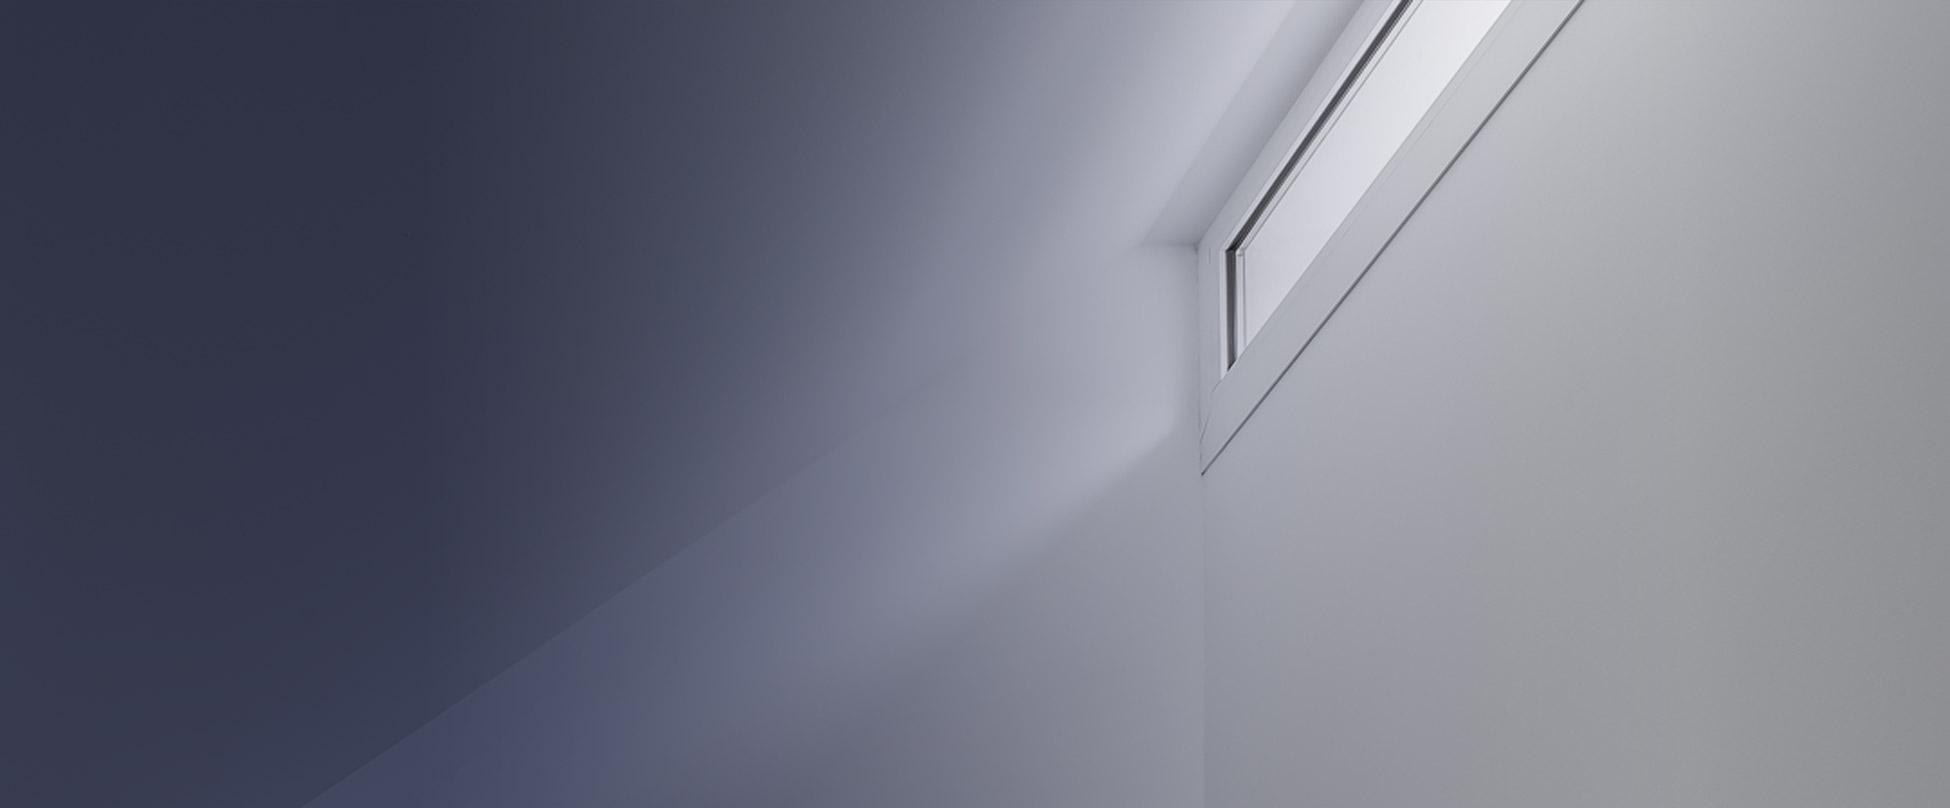 steel-frame-estructura-metalica-elo-construcciones-proyecto-arquitectura-interiorismo-diseno-reforma-escalera-hormigon-visto-madera-luminosa-constructora-valencia-00